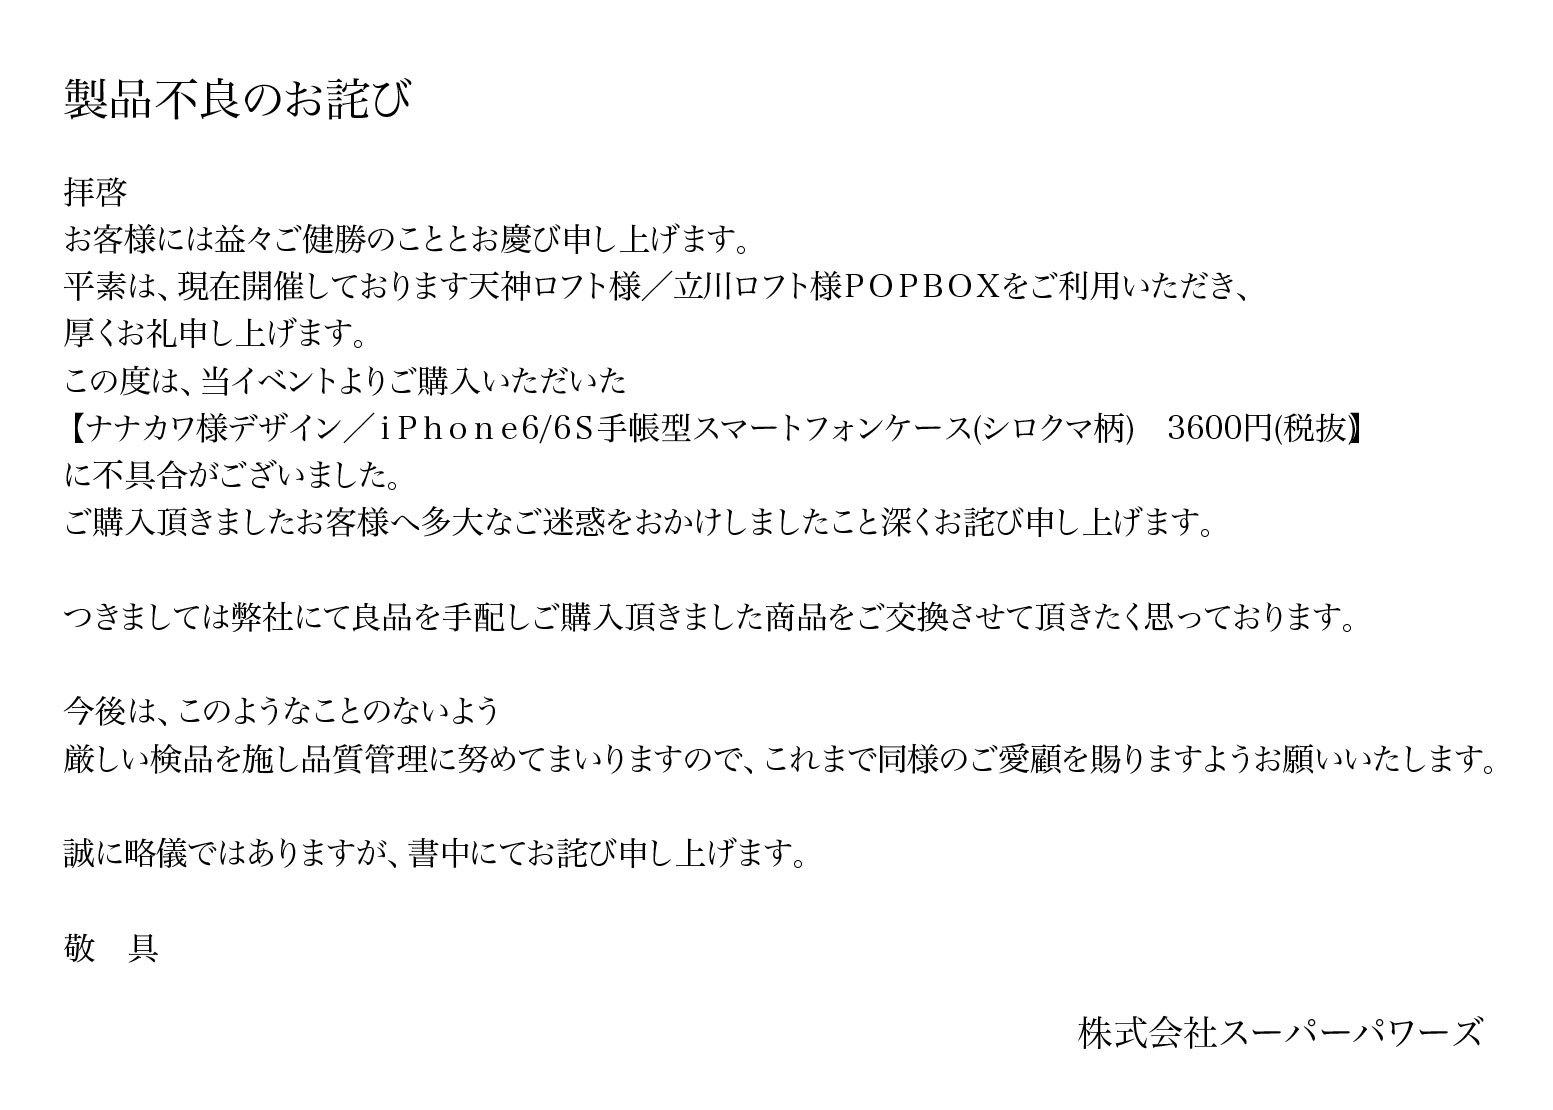 天神ロフト/立川ロフトPOPBOX販売製品不良のお詫び_f0010033_16171015.jpg